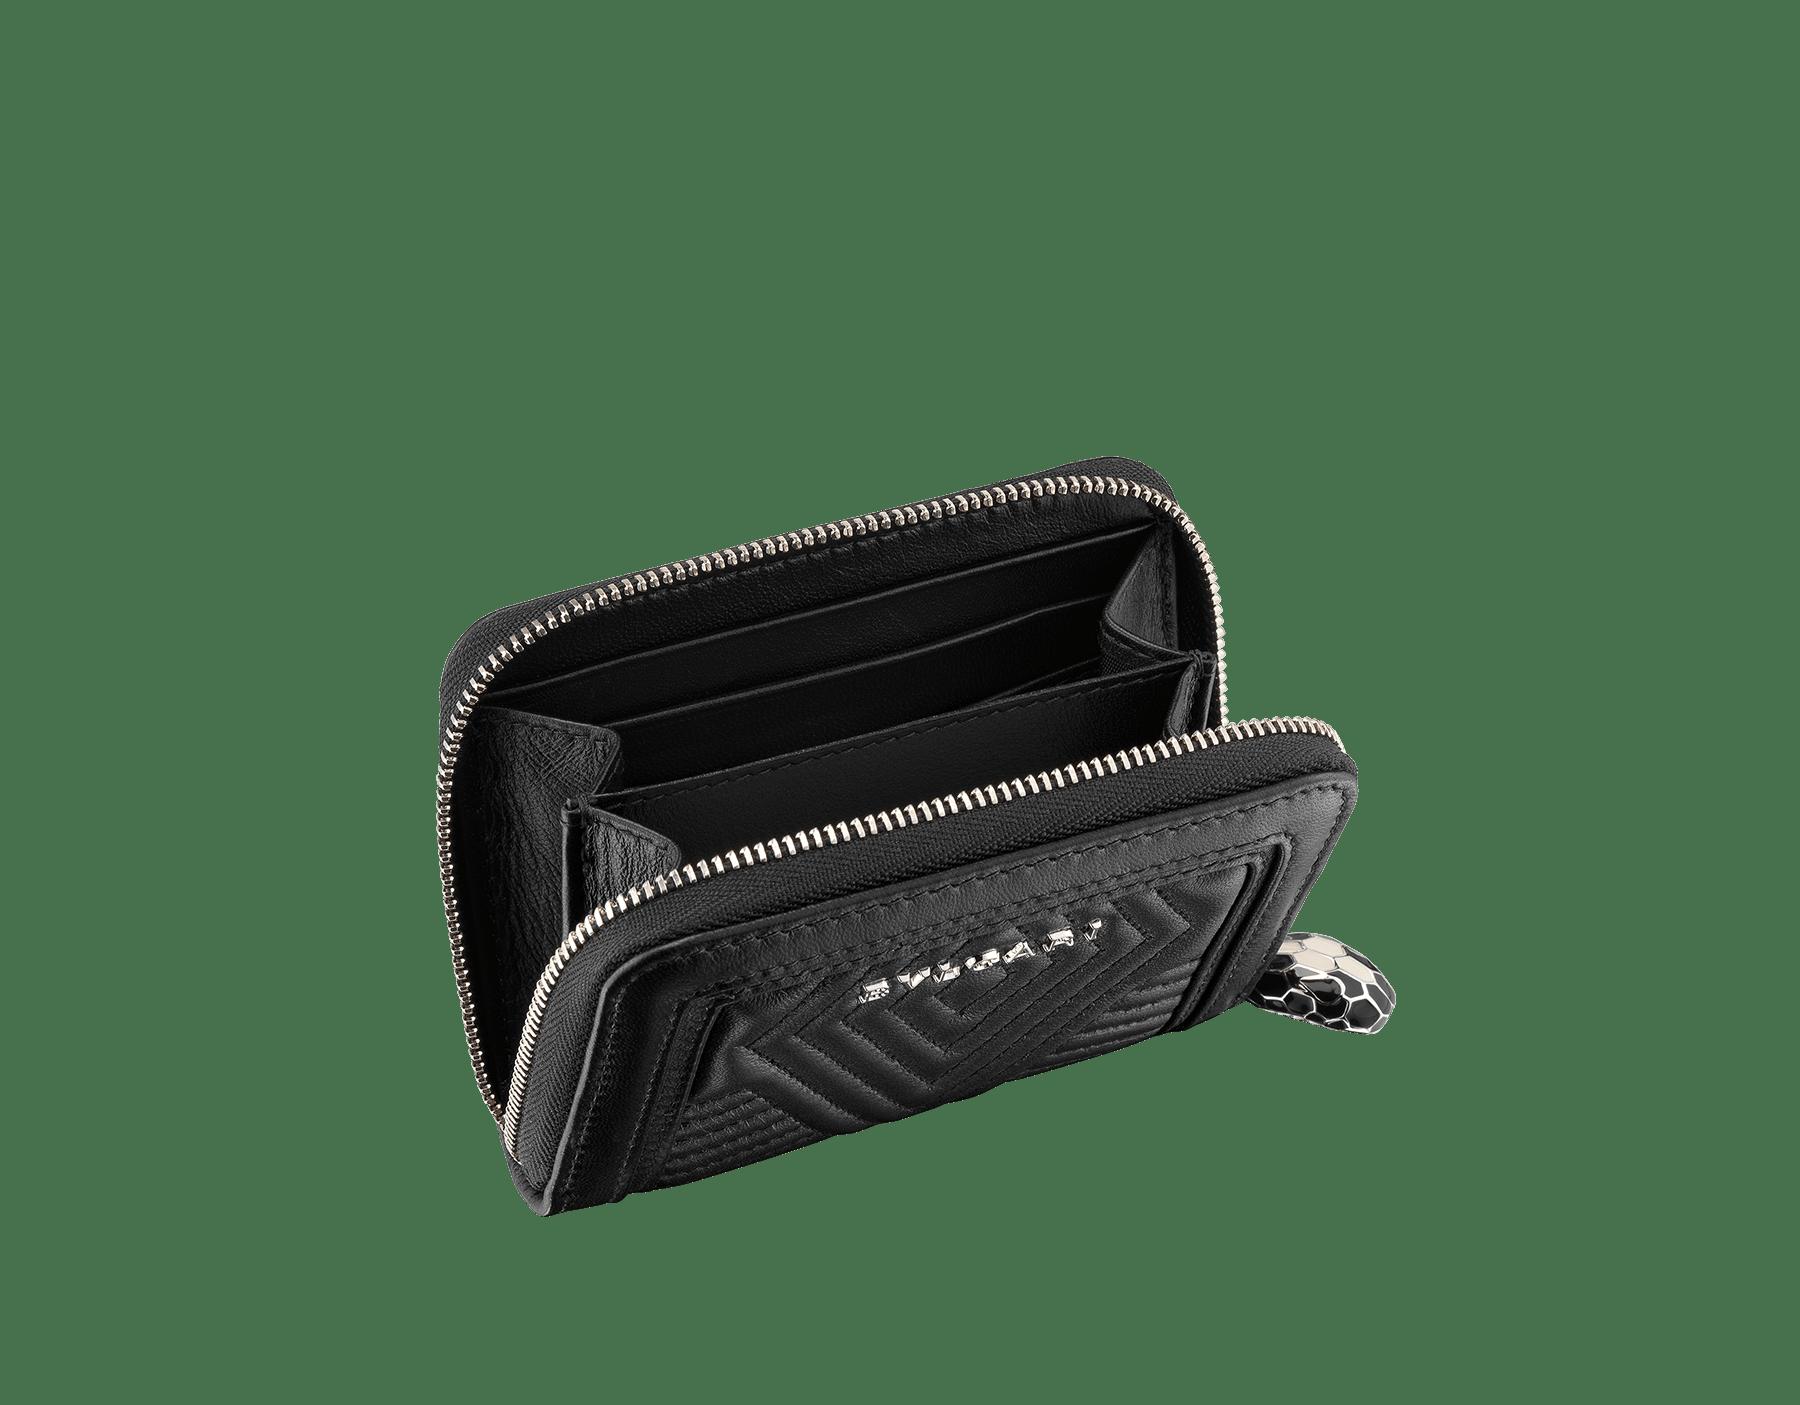 Portefeuille mini modèle Serpenti Diamond Blast en cuir nappa matelassé noir. Tirette Serpenti emblématique en émail noir et blanc avec yeux en émail noir. 287584 image 2